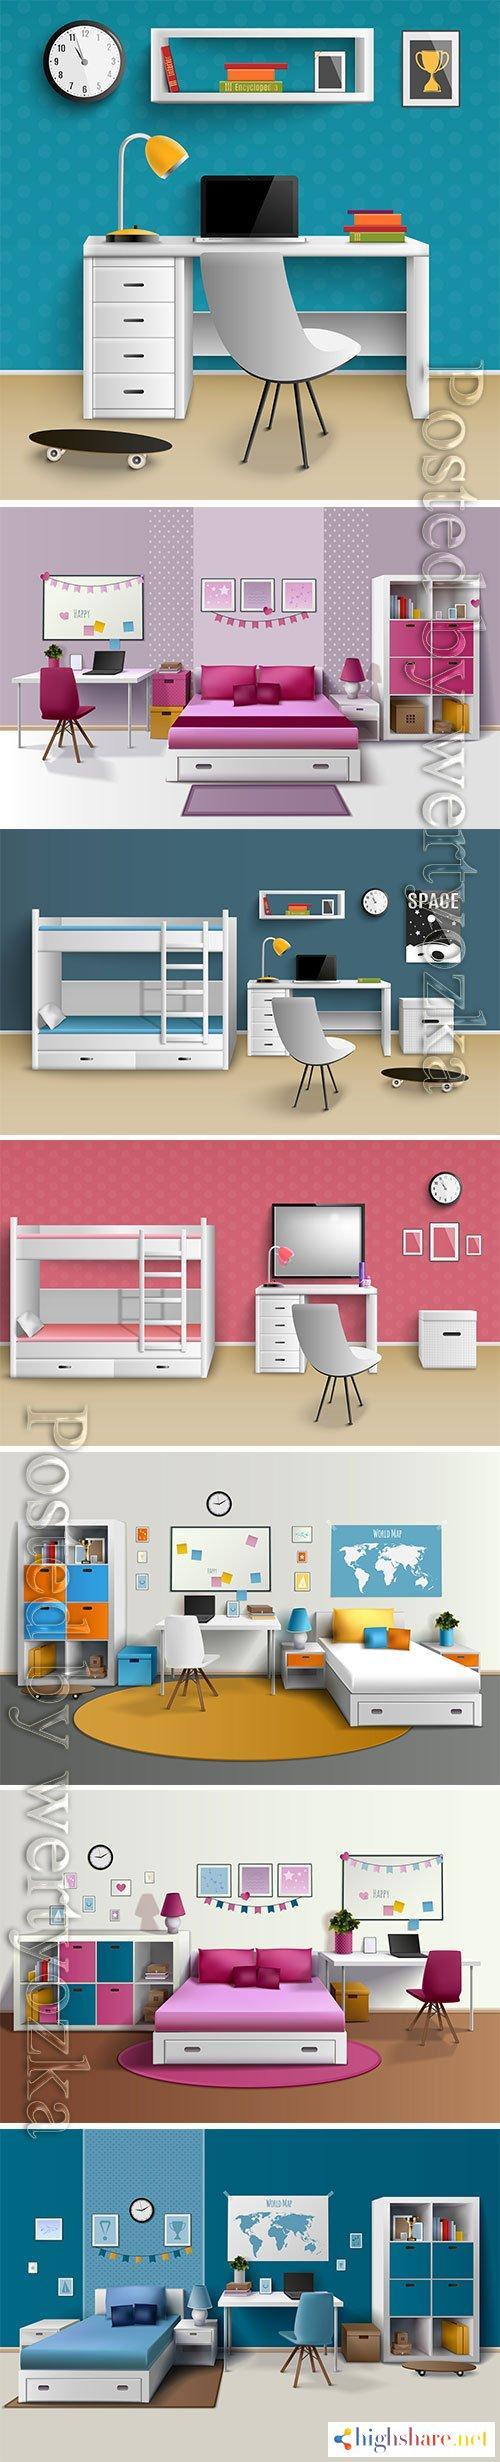 realistic home interior vector template 6 5f3feb4c9472f - Realistic home interior vector template # 6